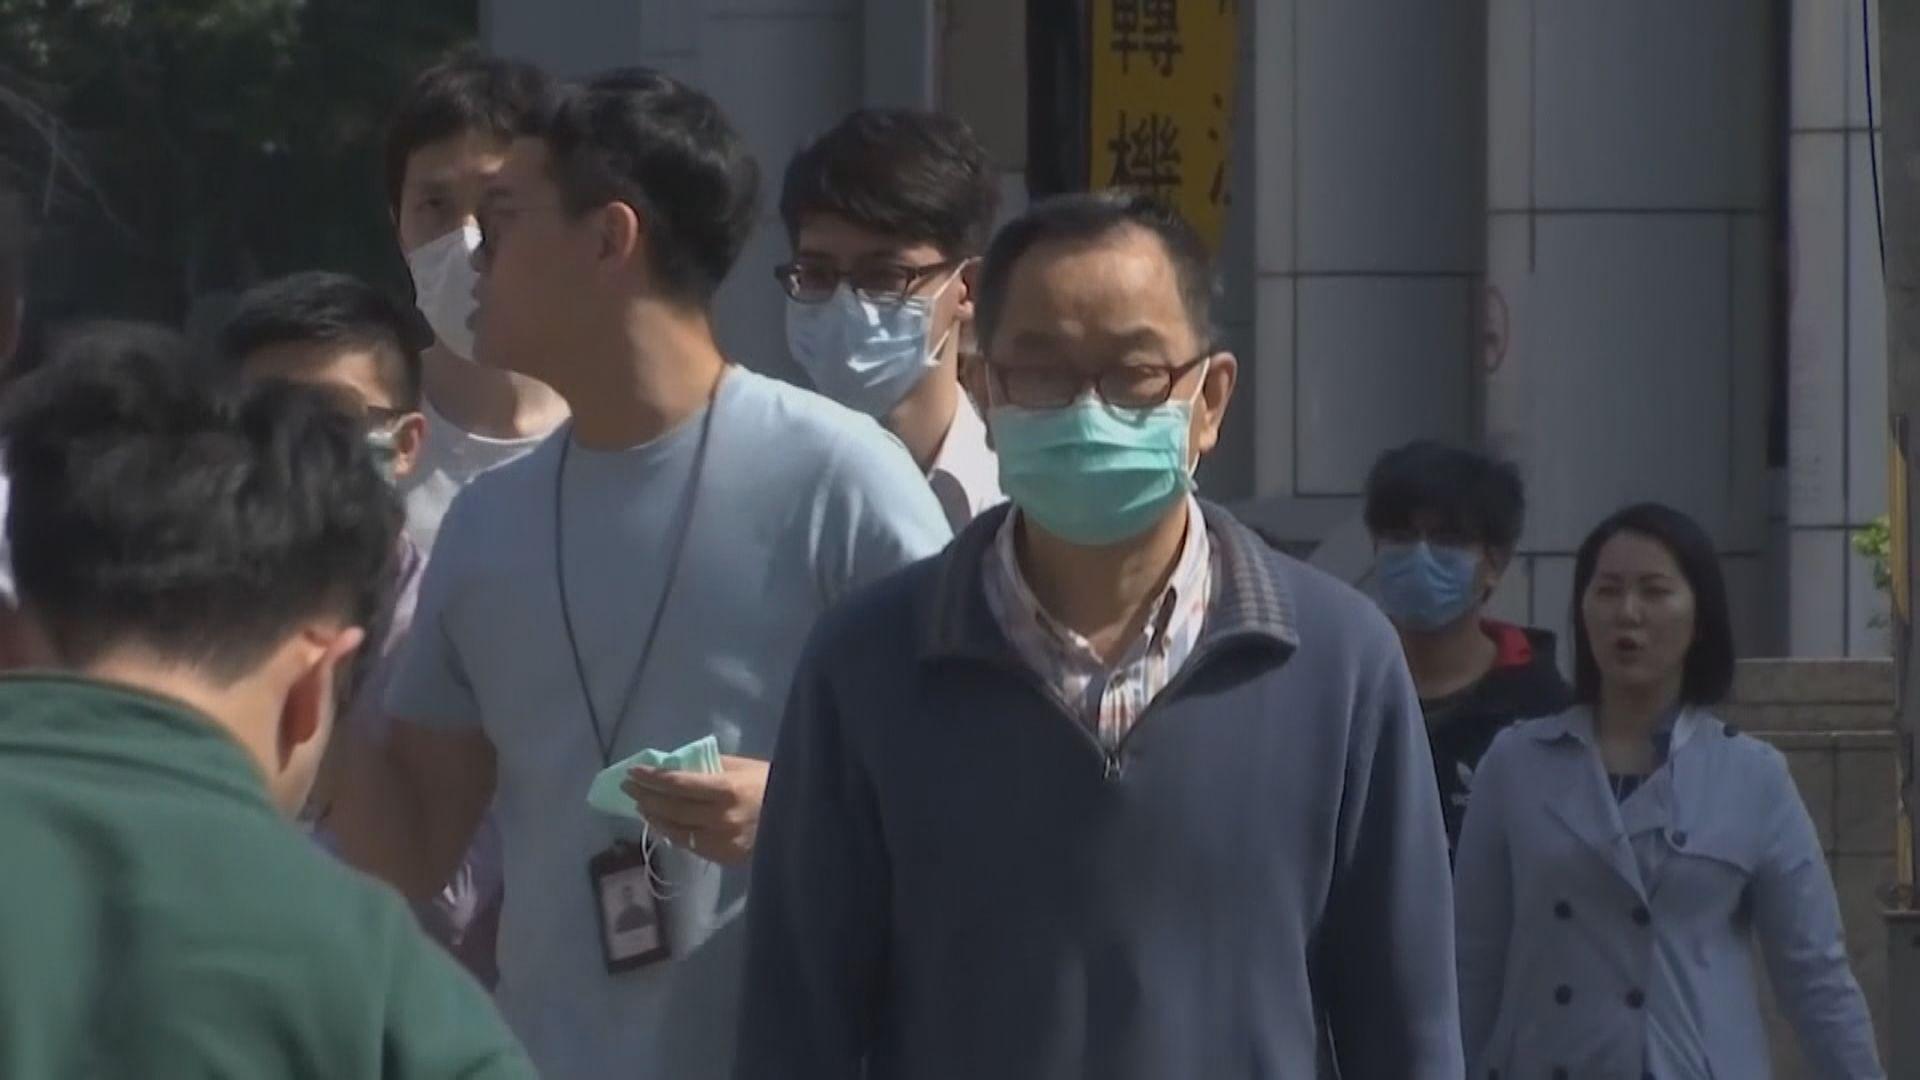 新增180宗本土確診 台北萬華區佔逾40宗